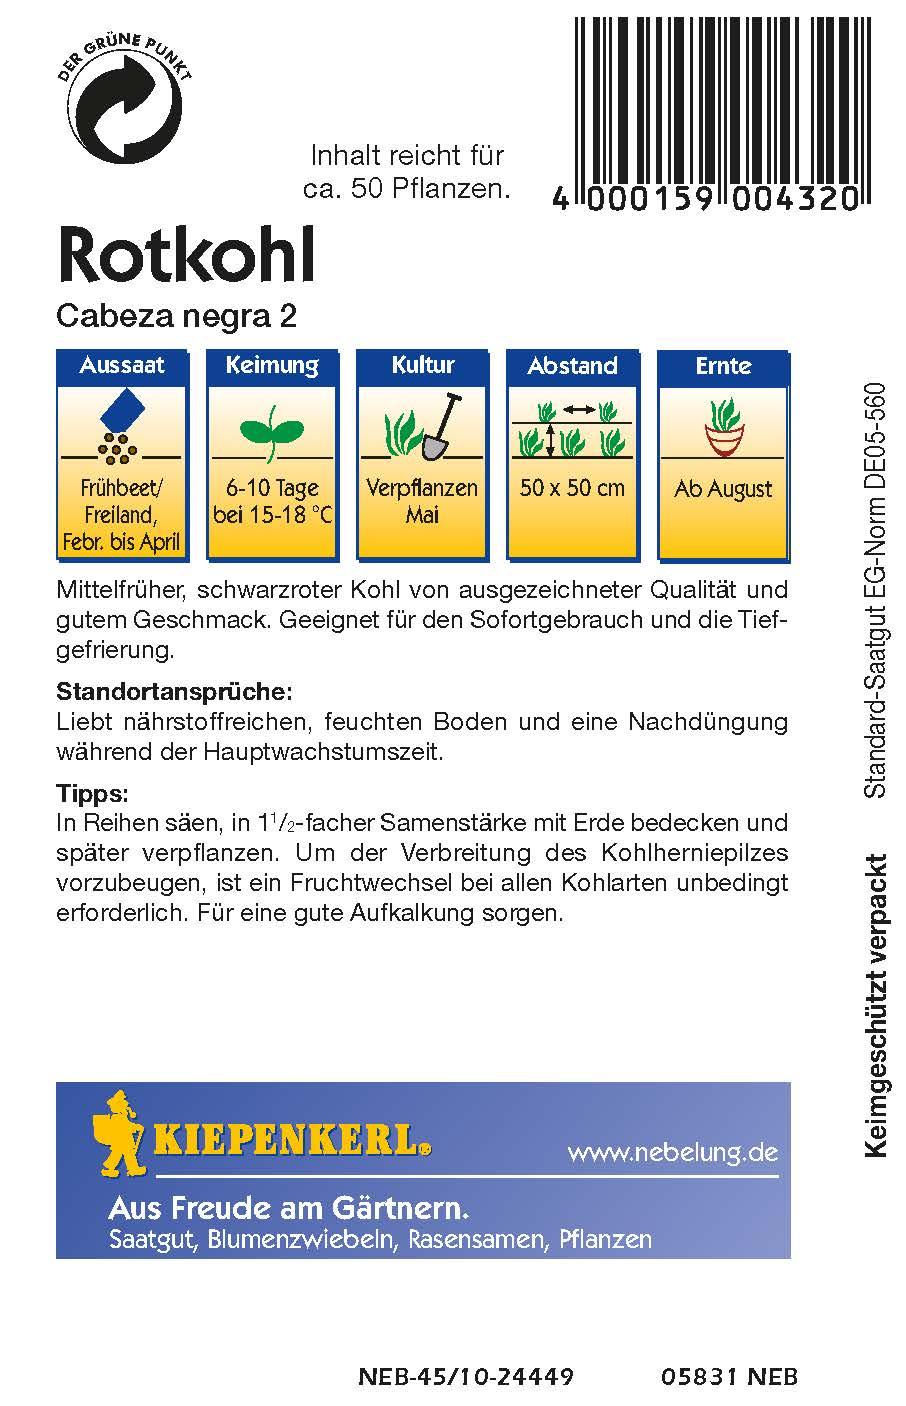 Saatgut Rotkohl Schwarzkopf 2 Bild 2